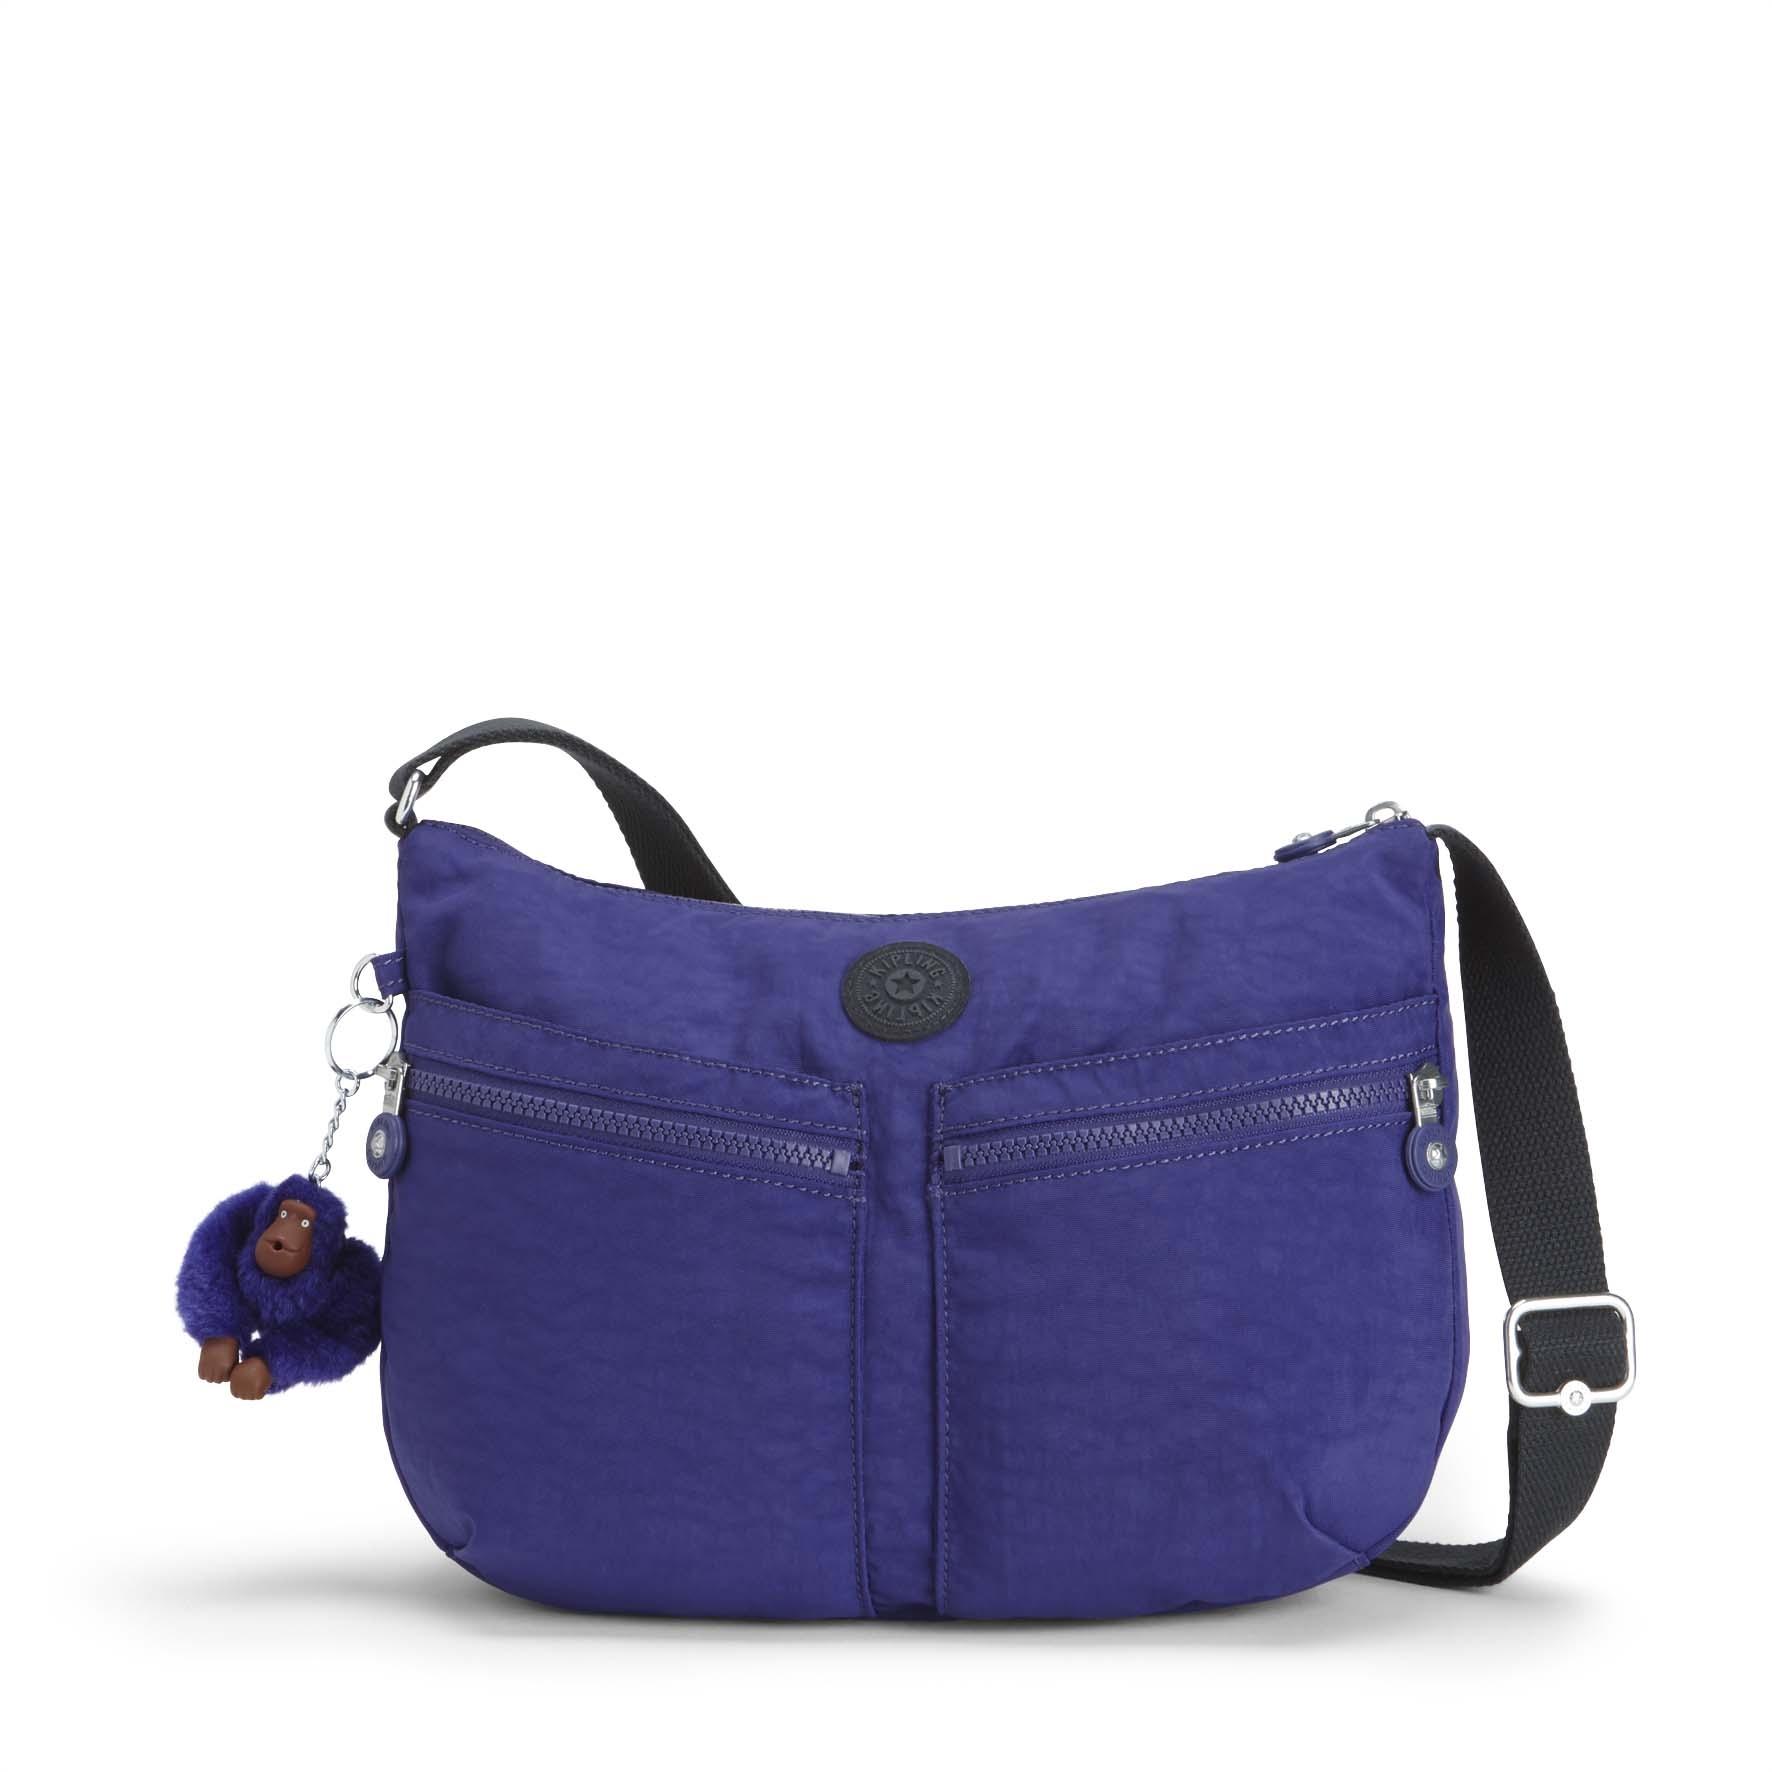 תיק צד בינוני Izellah - Summer Purpleסגול קייצי